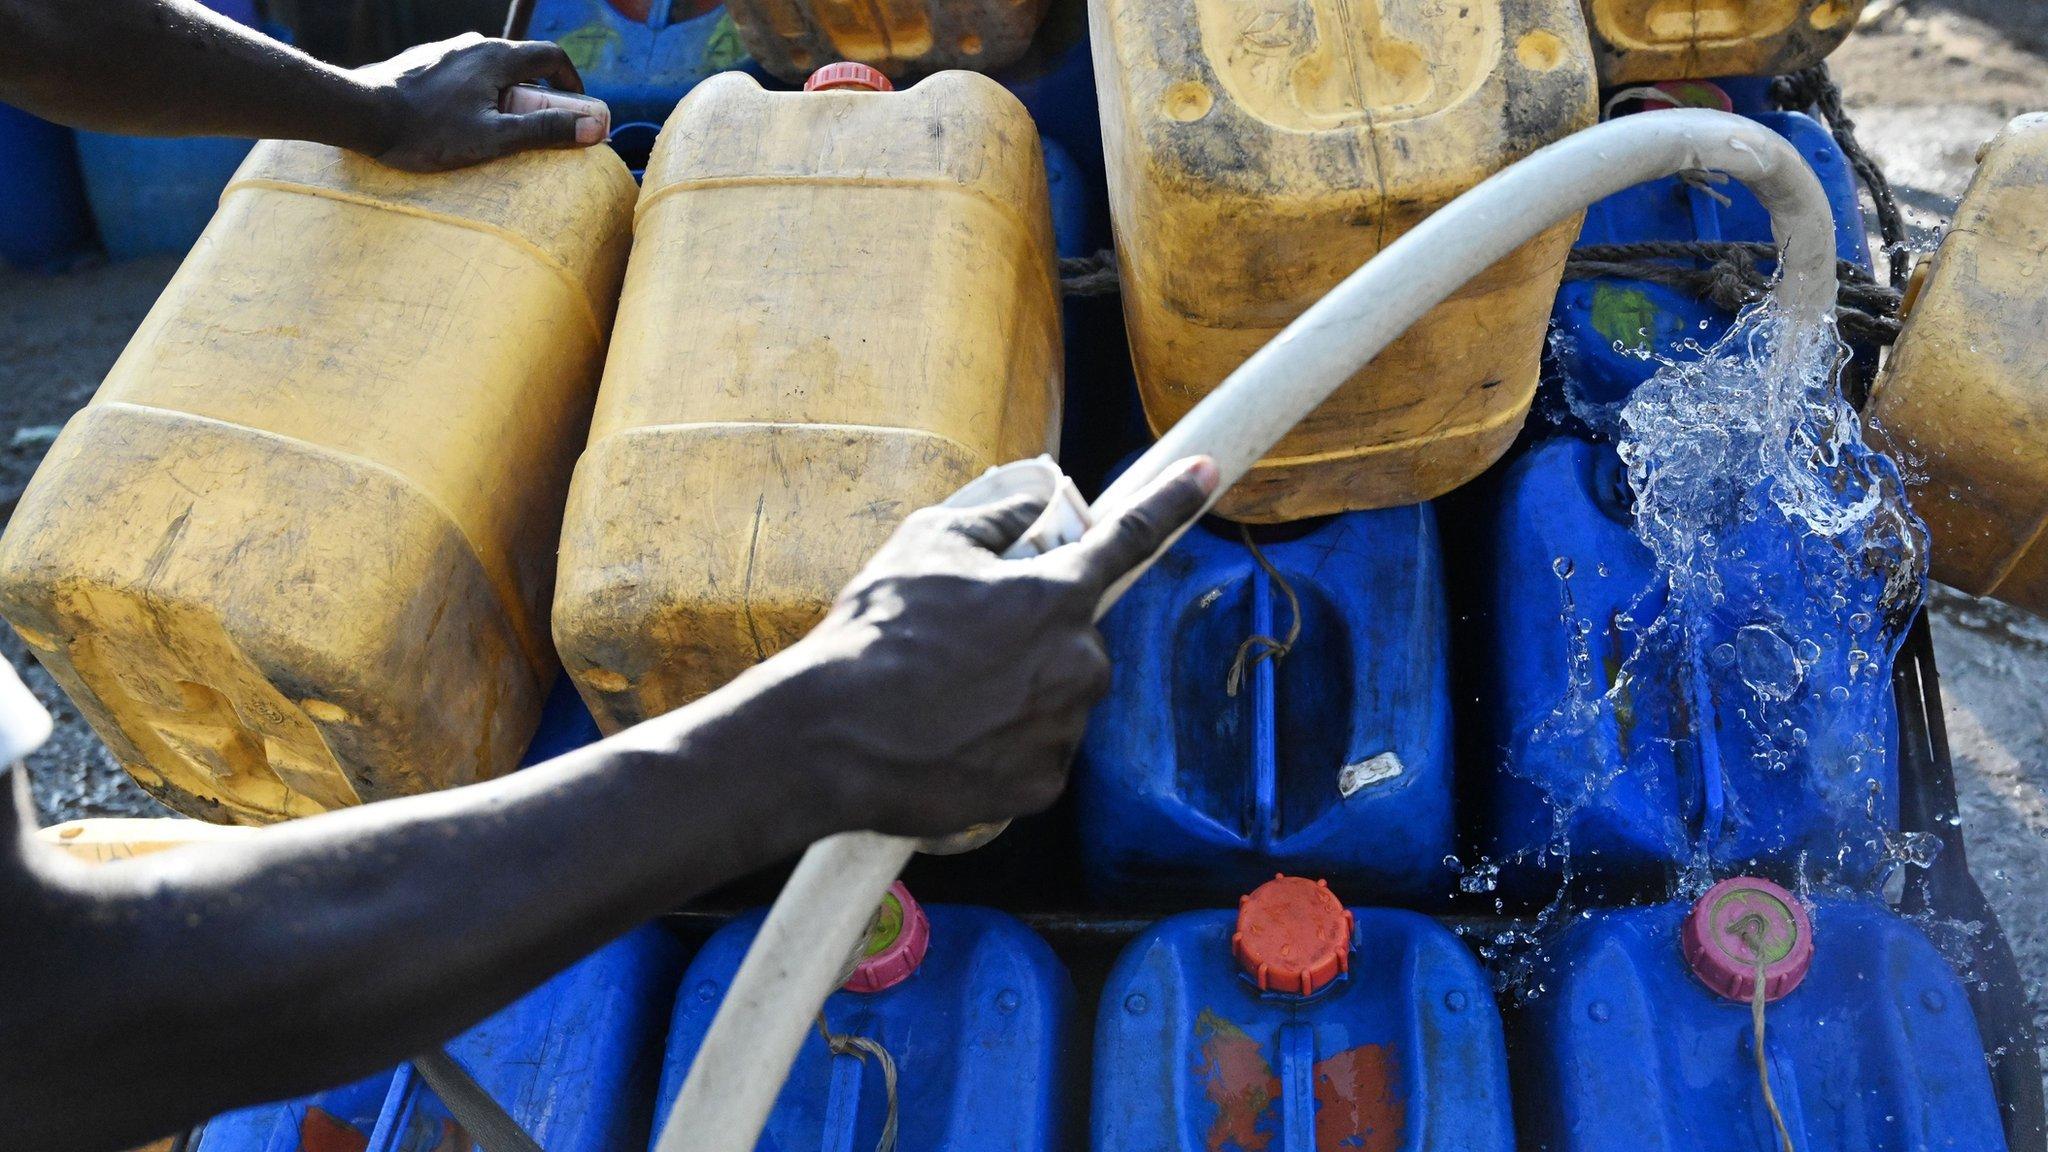 Water tubs in Nairobi